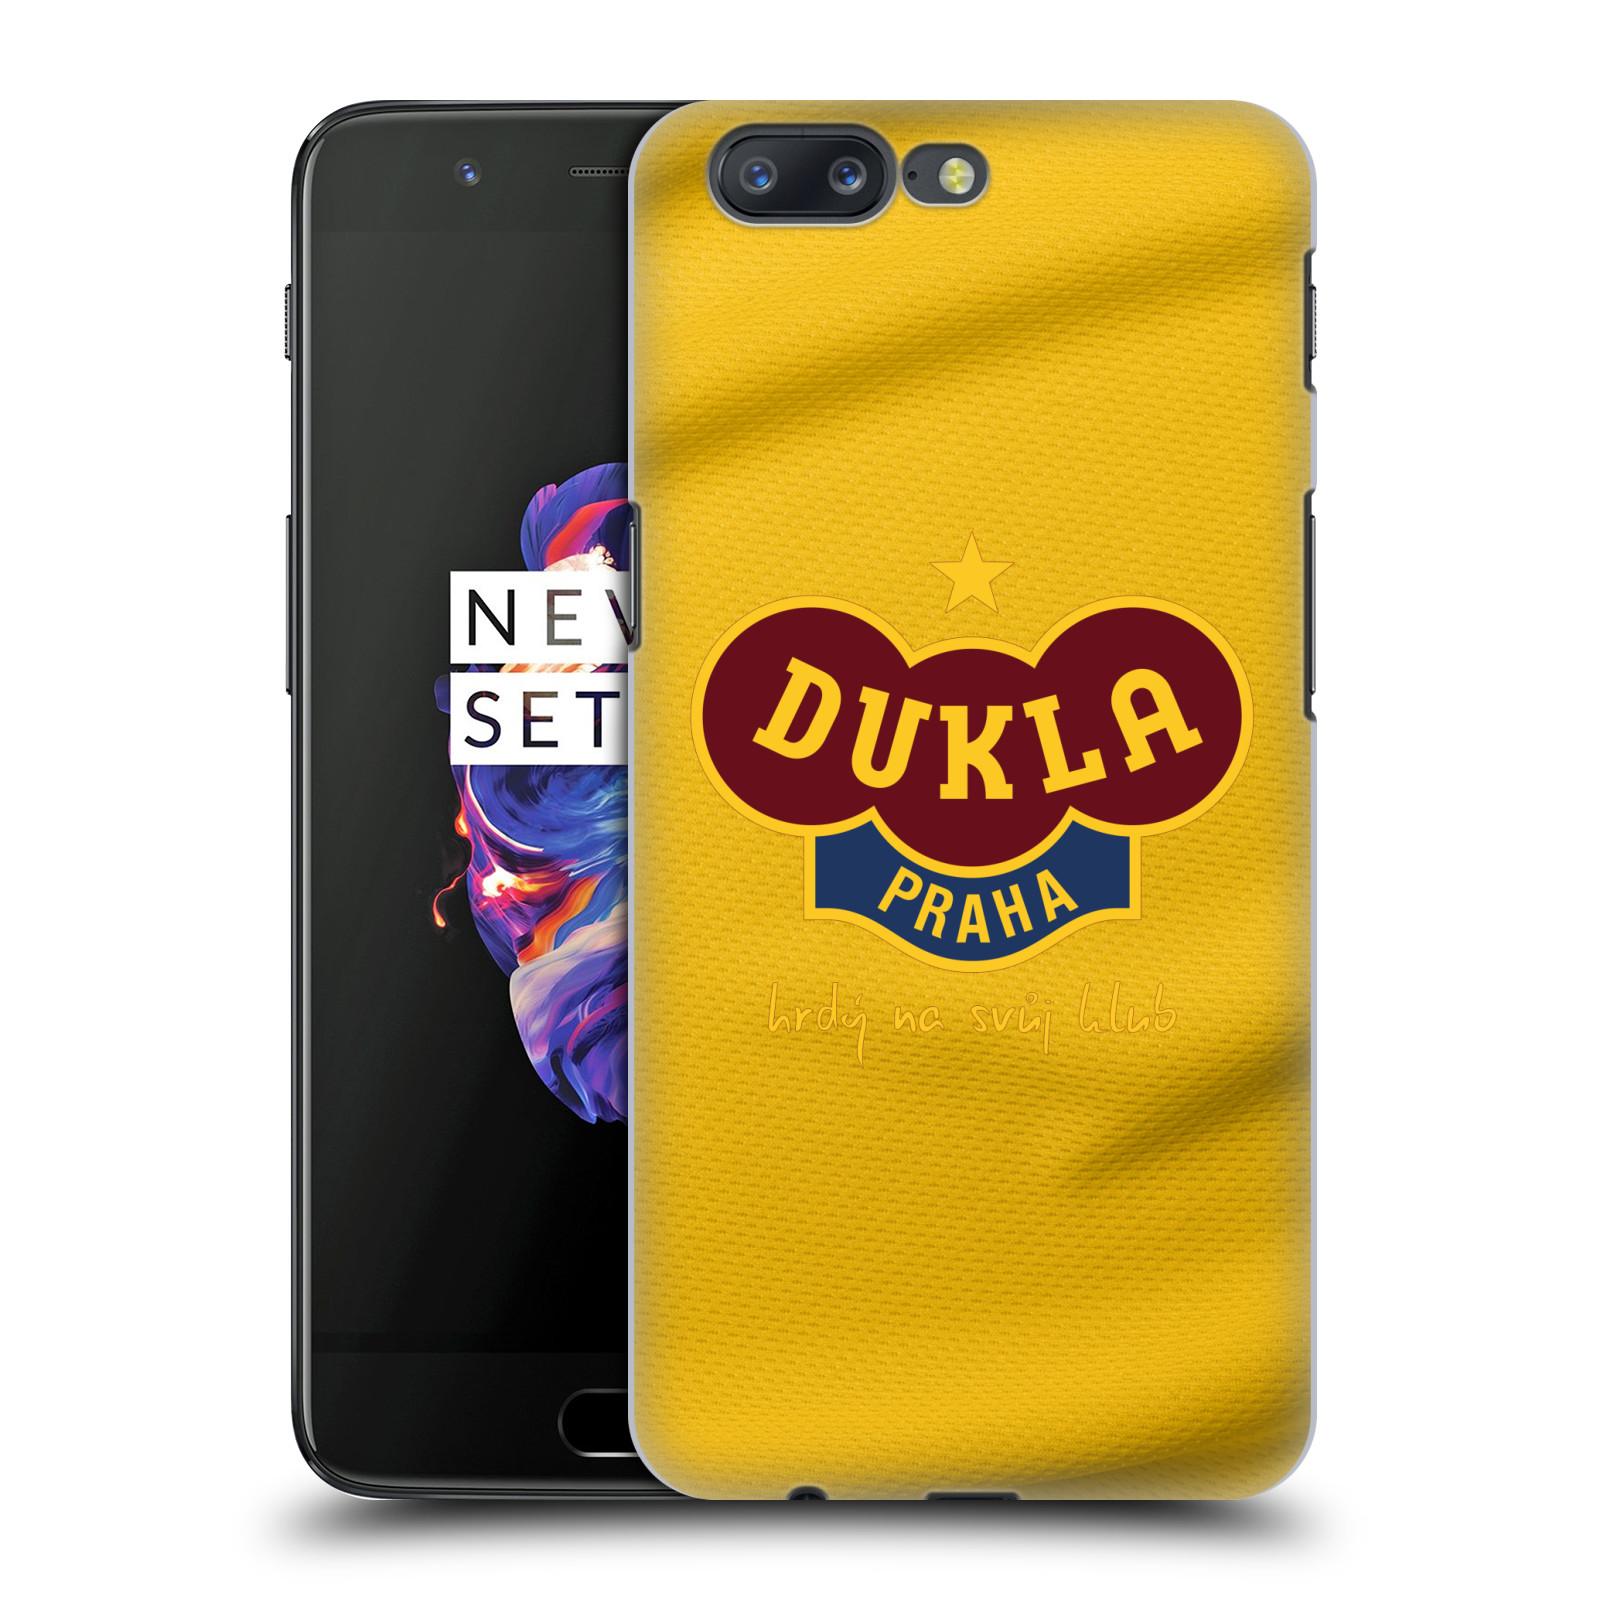 Plastové pouzdro na mobil OnePlus 5 - FK Dukla Praha - Žlutý dres